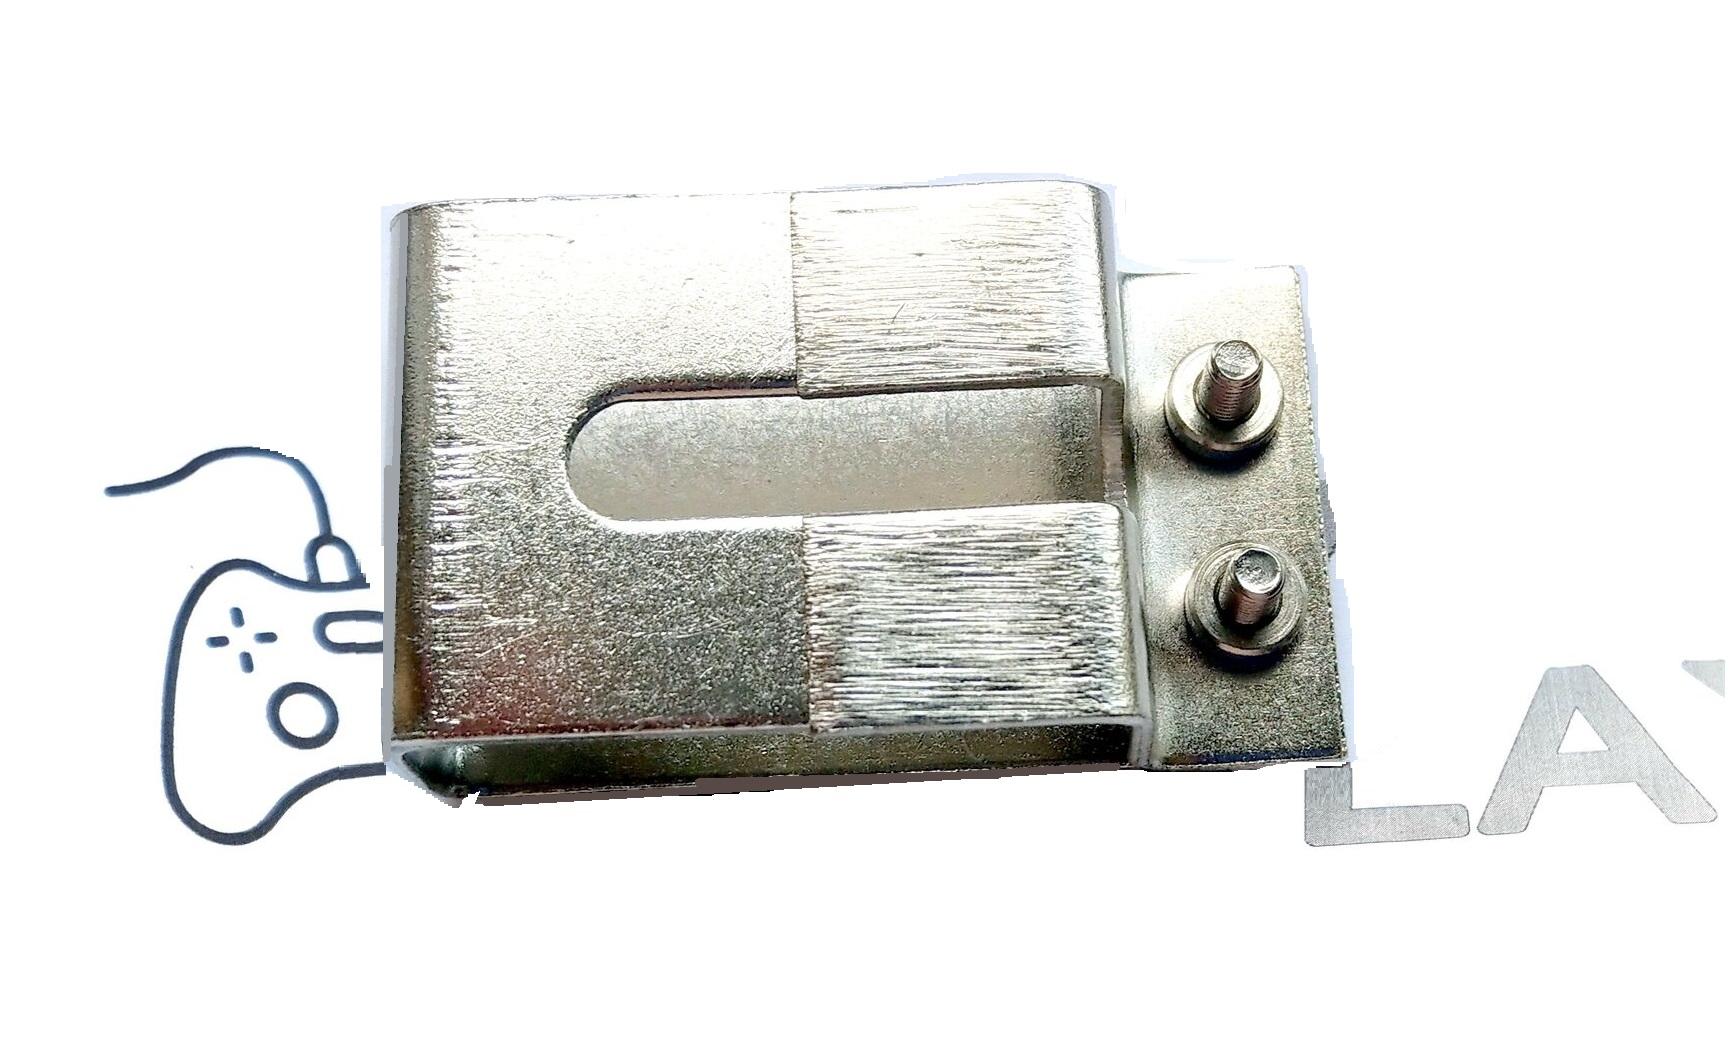 TRAFIC VIVARO PRIMASTAR Getriebe Schalthebel Reparatursatz KLEMME